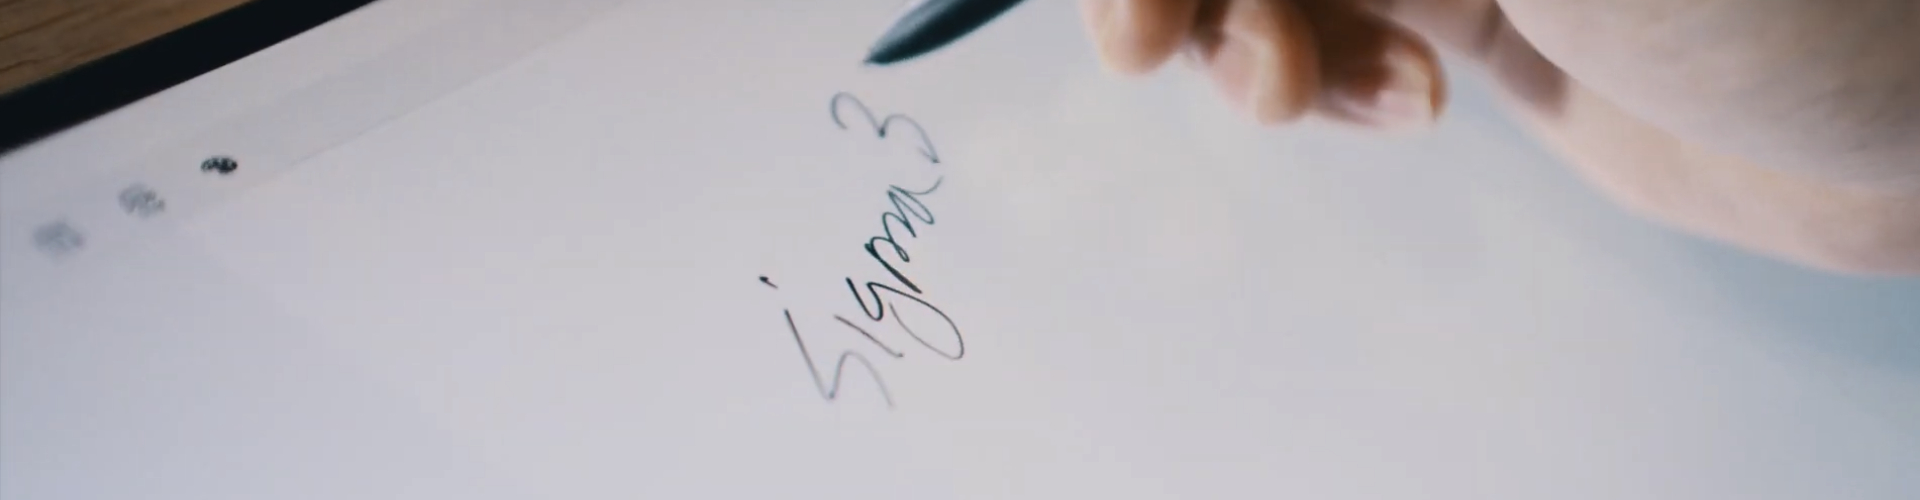 태블릿에 글씨 쓰는 중